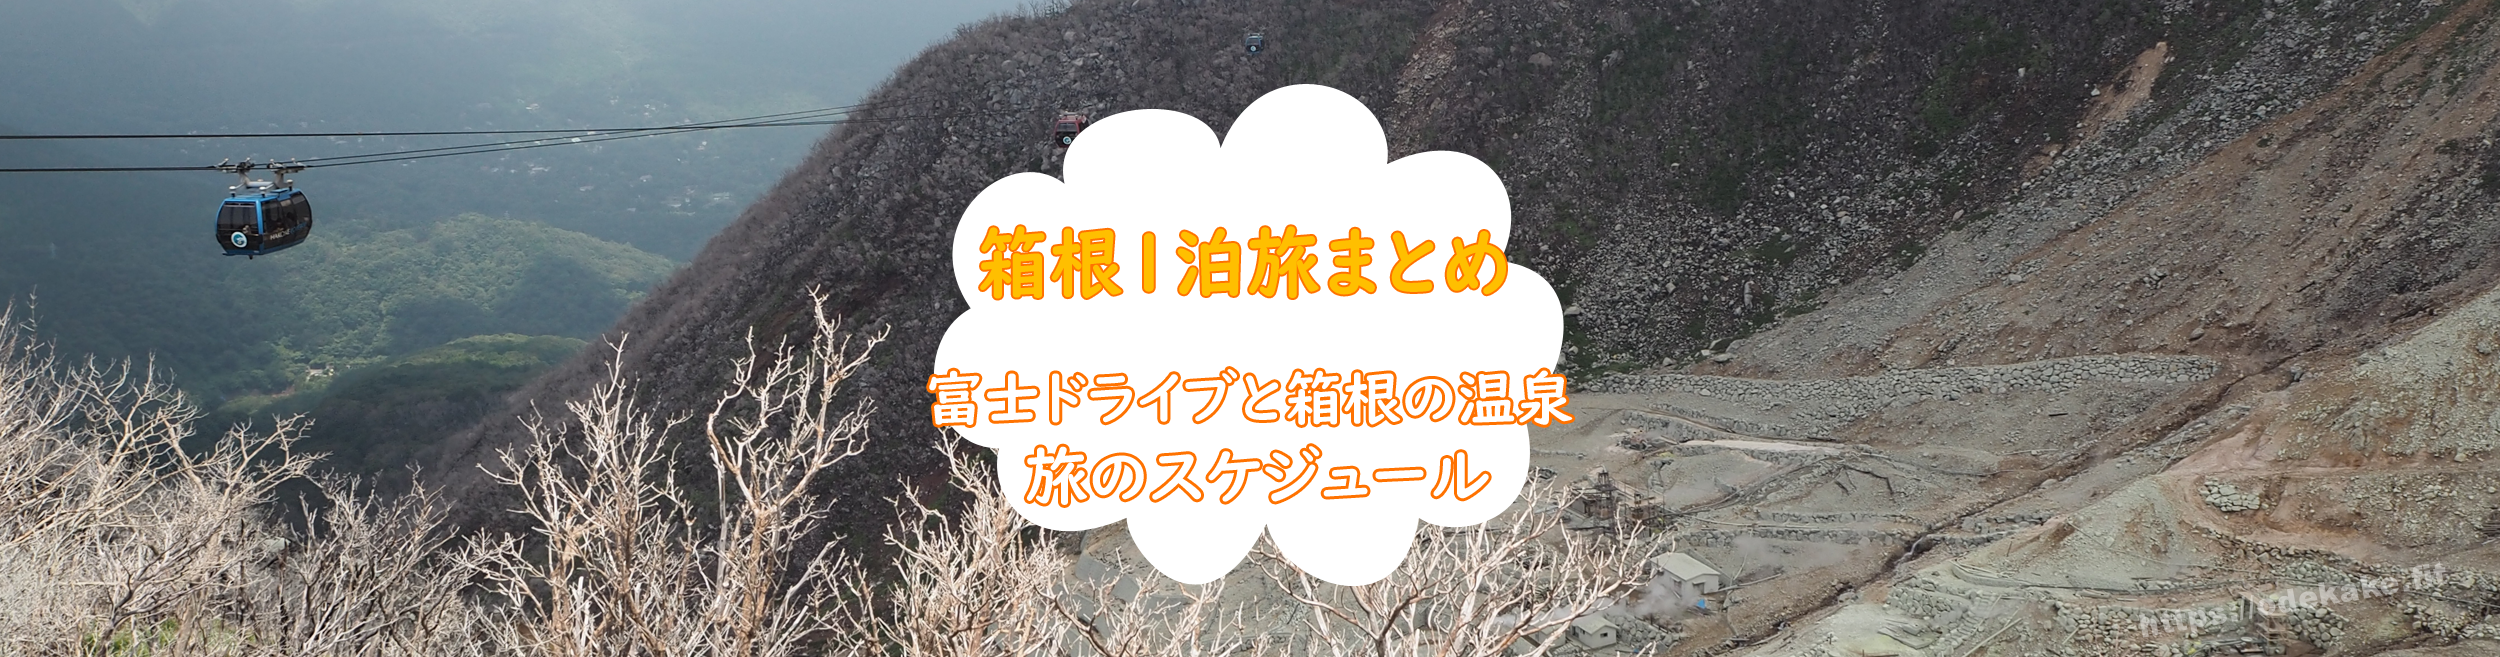 【箱根温泉旅】箱根1泊2日と富士ドライブのプランまとめ♥温泉3つ!